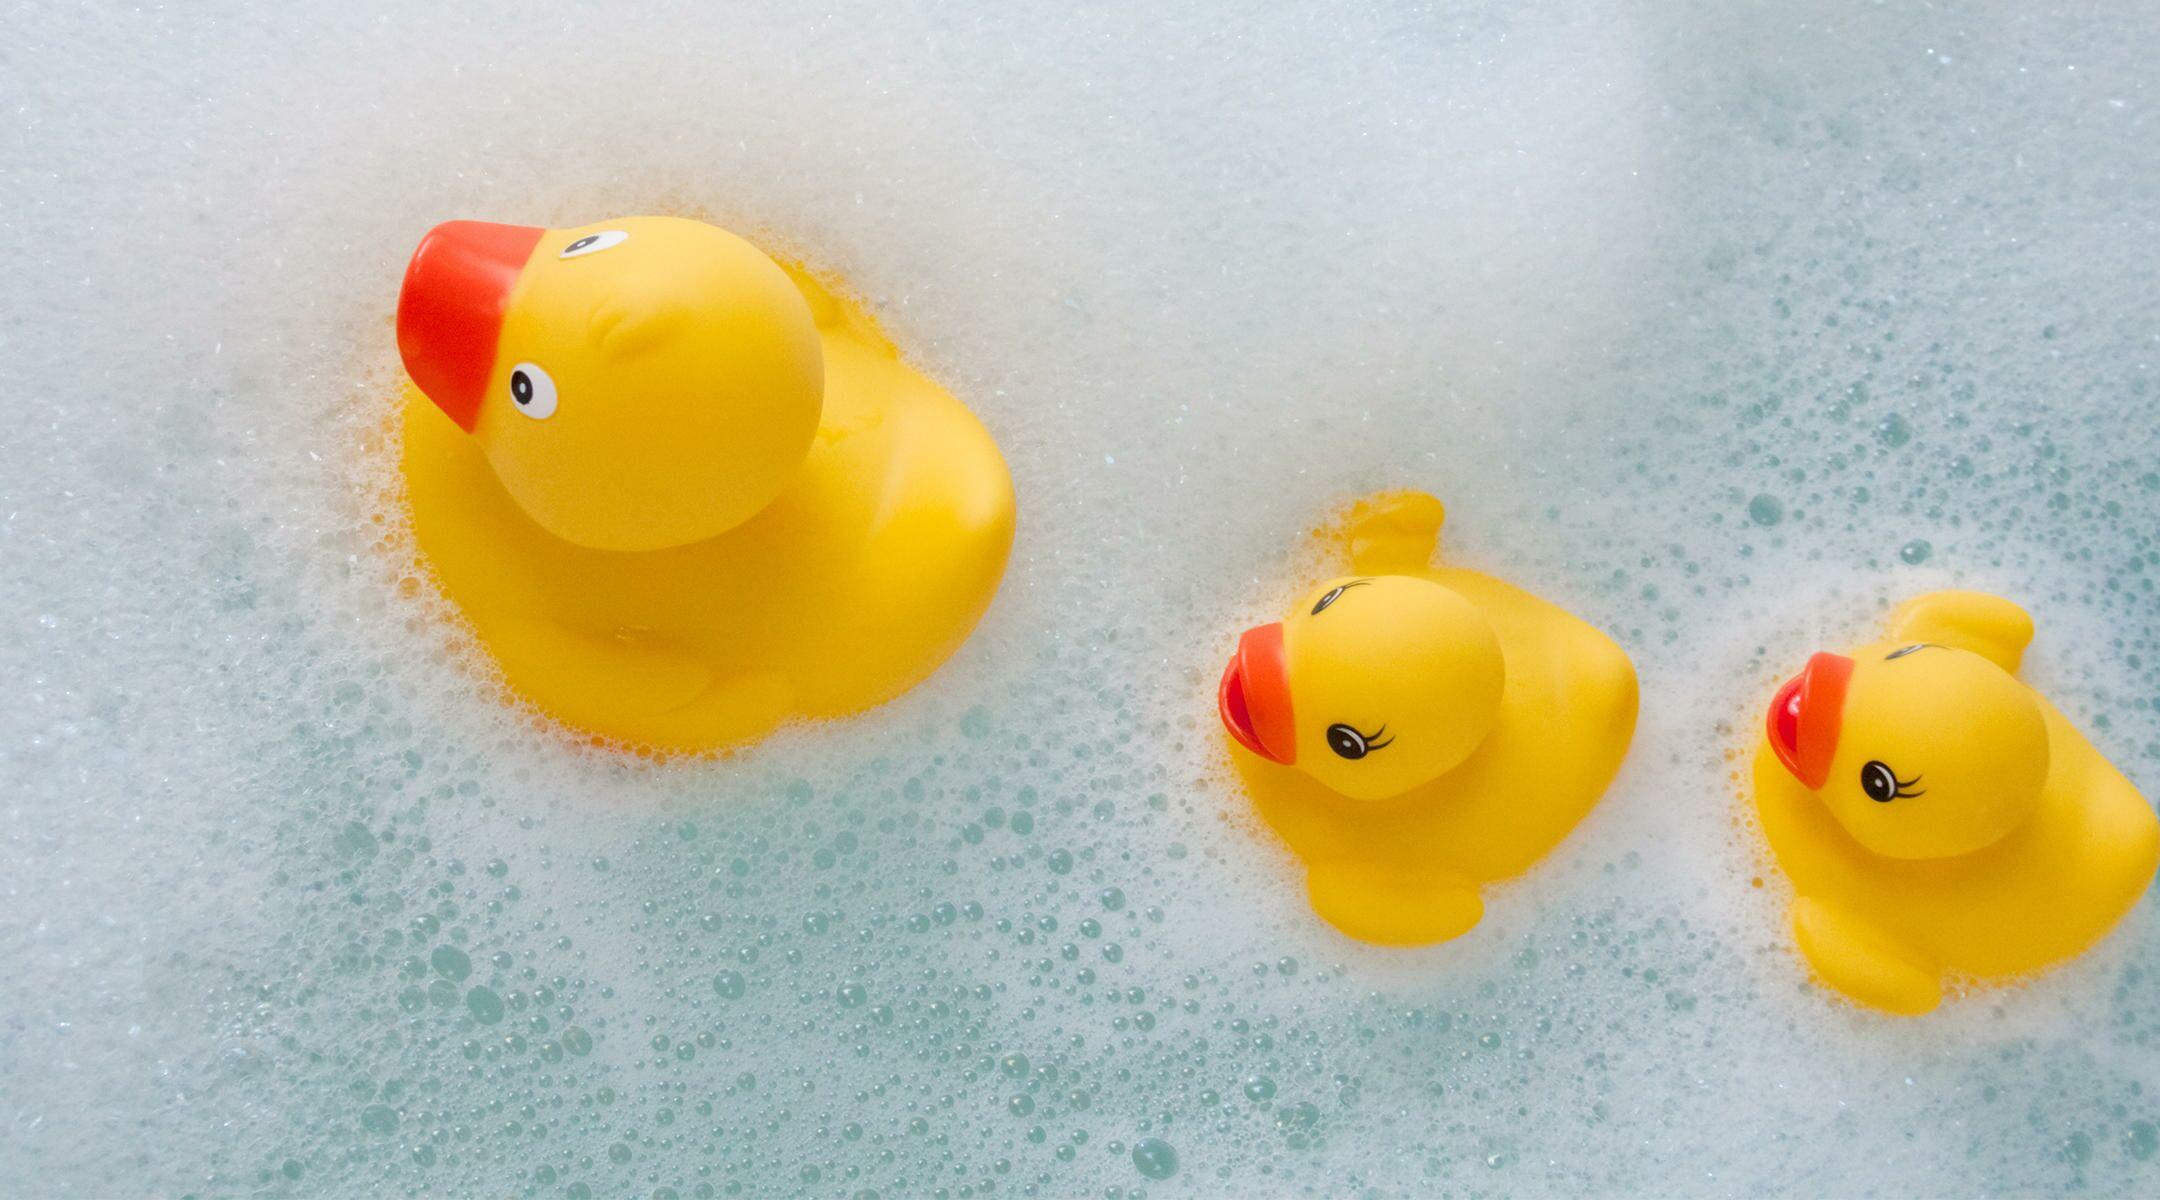 Special Section B Kids Bath Duck Bathtub Toy Dolls & Bears Dolls